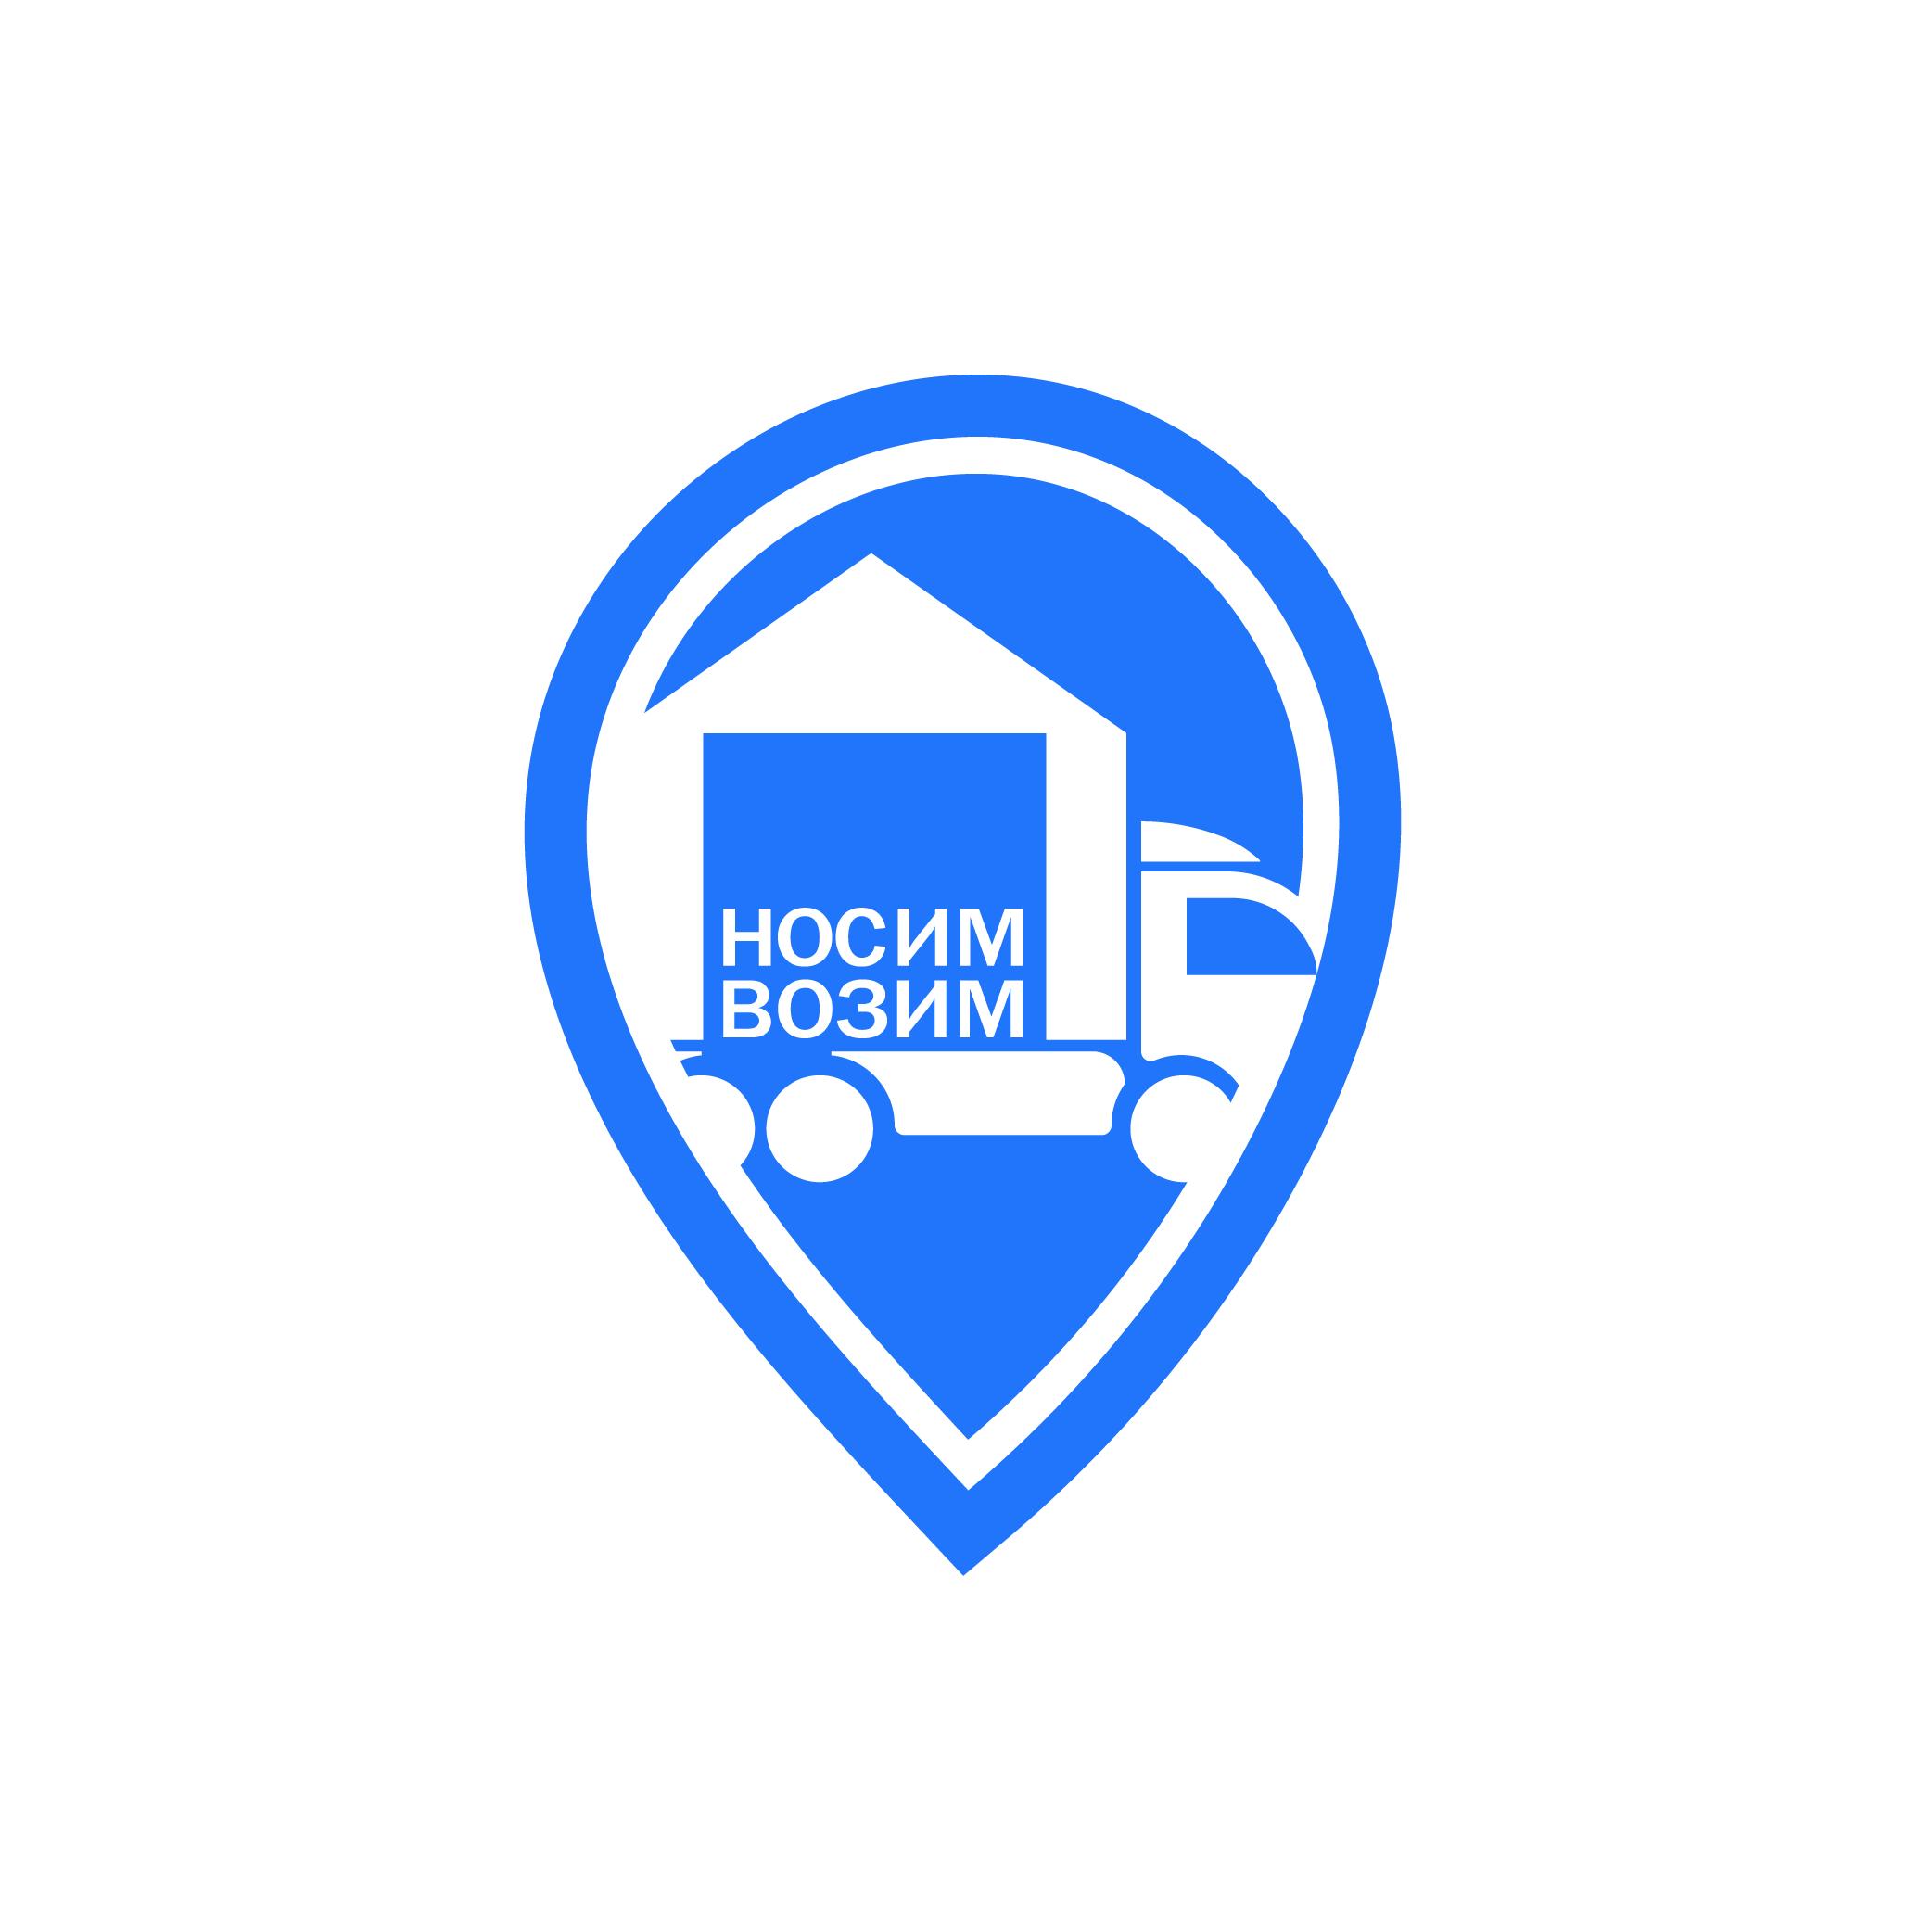 Логотип компании по перевозкам НосимВозим фото f_5085cf7a9bbde772.png